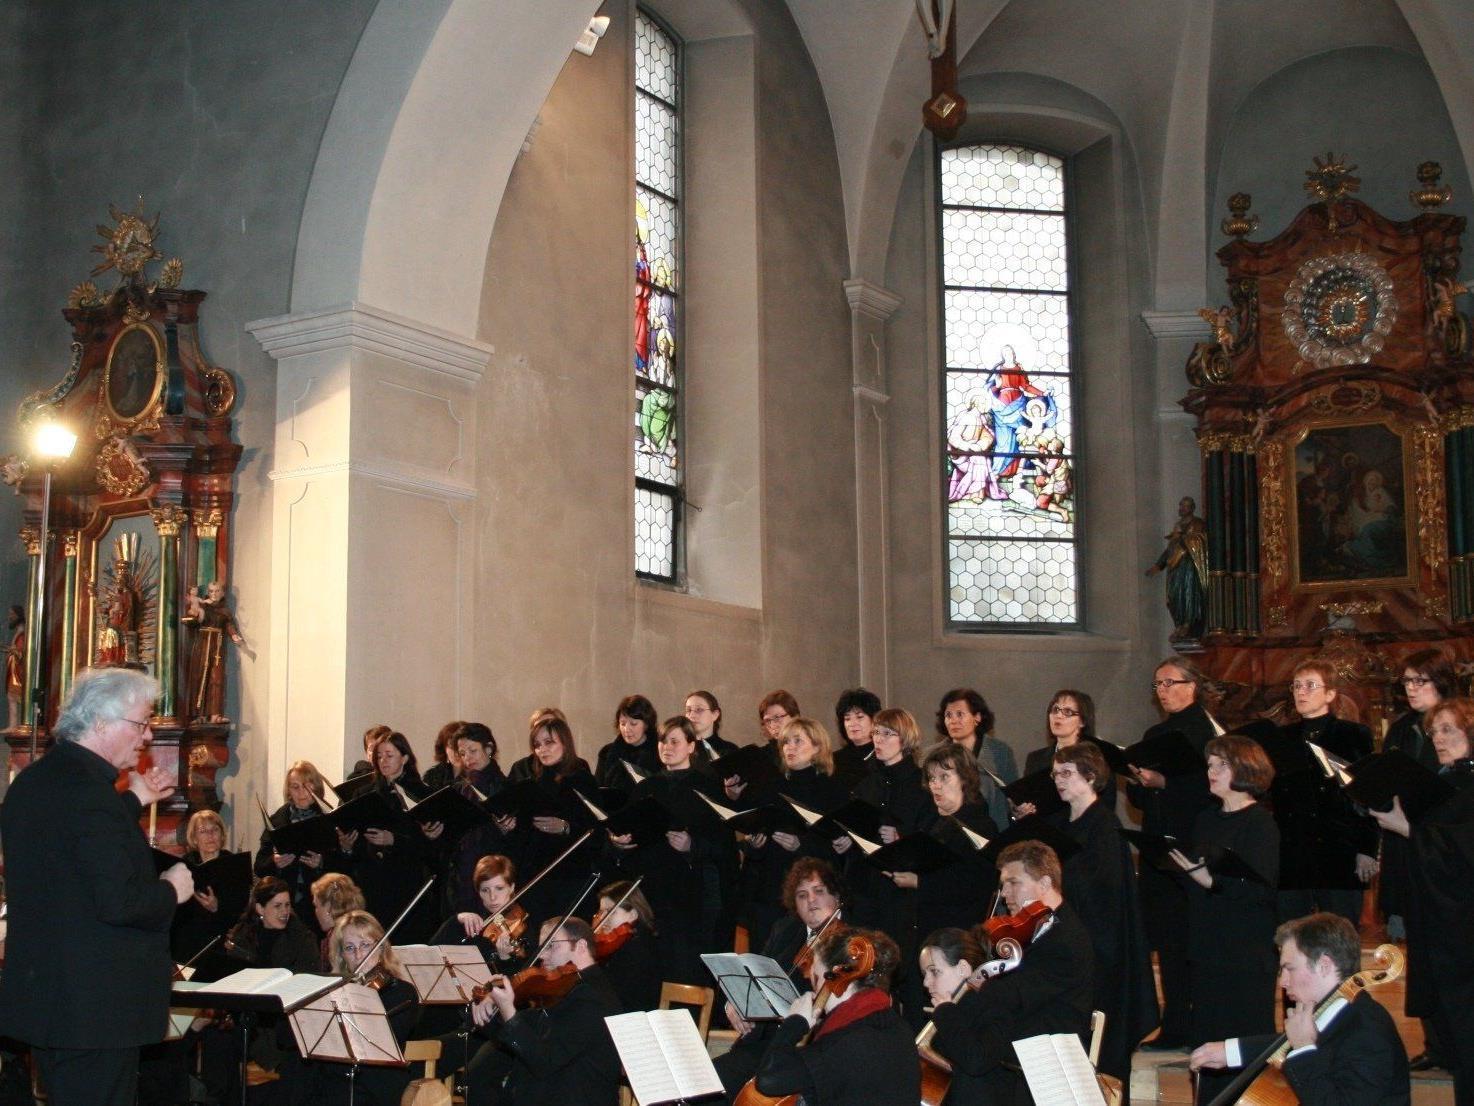 Guntram Simma und das Collegium Instrumentale laden zum Konzert in die Wallfahrtskirche.